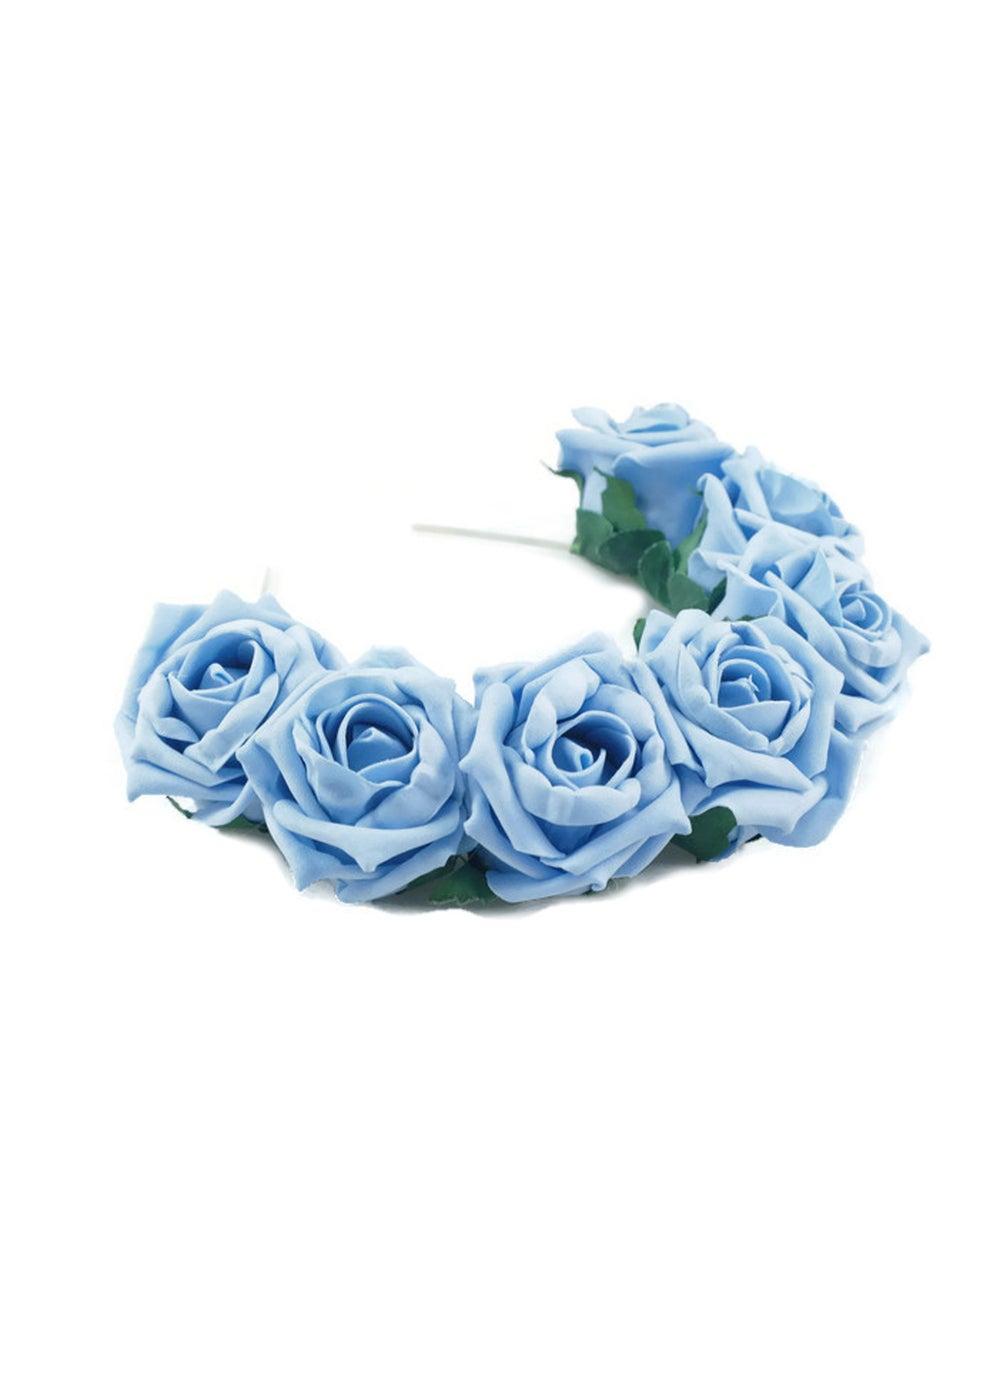 Image of Blooming Rose Crown Cornflower